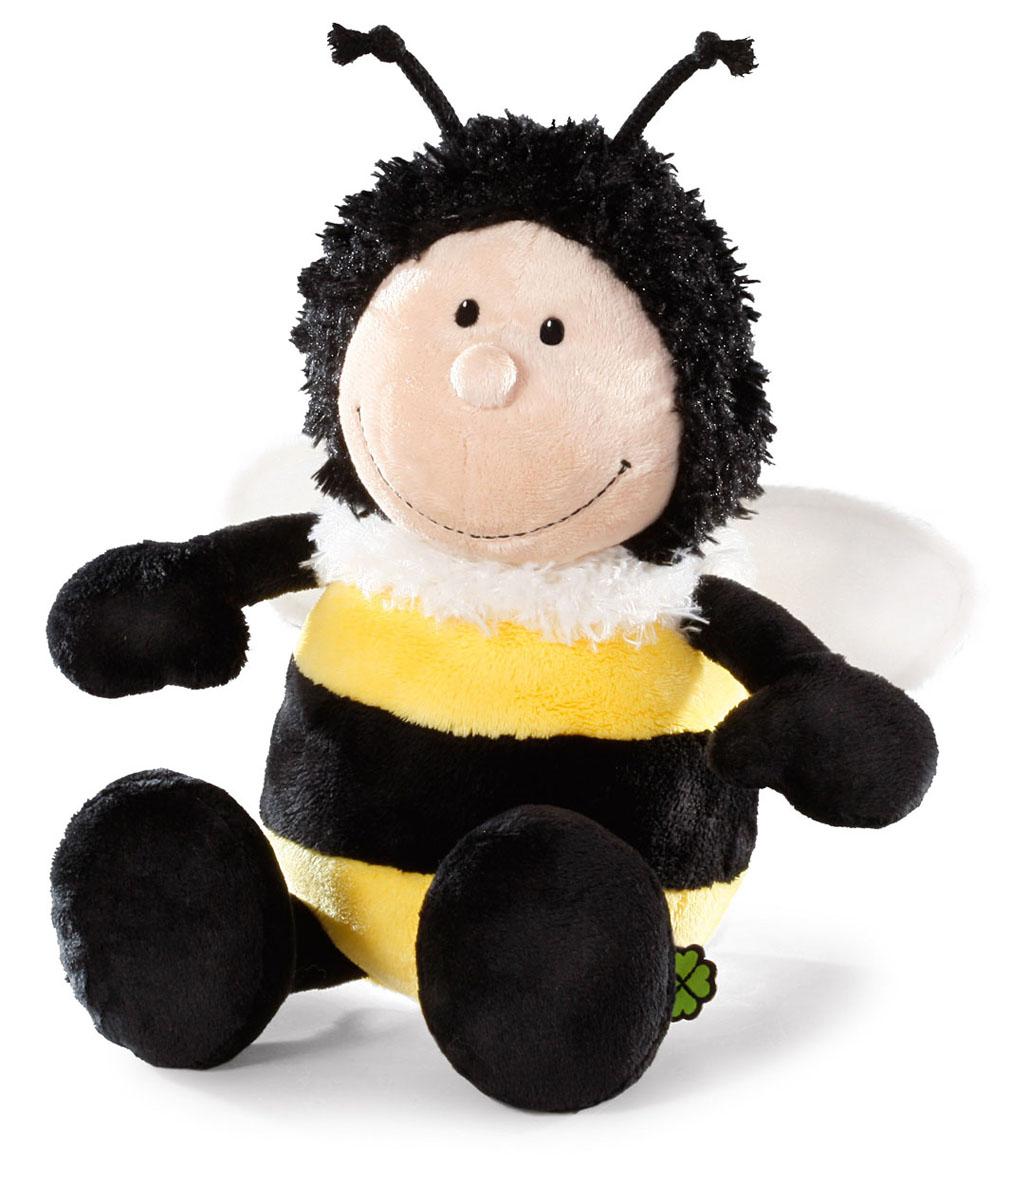 Мягкая игрушка Nici Шмель, сидячая, 25 см36866Мягкая игрушка Nici Шмель выполнена в виде симпатичного шмеля. Удивительно мягкая игрушка изготовлена из высококачественного текстильного материала черного, желтого, бежевого и белого цветов с набивкой из синтепона и пластиковых гранул. Глазки у шмеля пластиковые, вокруг шеи имеется белый пушок, также у него есть усики, а за спиной - небольшие крылышки. Игрушку легко можно посадить на ровную поверхность. Оригинальный стиль и великолепное качество исполнения делают эту игрушку чудесным подарком к любому празднику. Немецкая компания Nici является одним из лидеров на Европейском рынке мягких игрушек и подарков. Продукцию компании можно встретить везде: это и значок на школьном рюкзаке, и магнит на холодильнике, и поздравительная открытка, и мягкая игрушка, и автомобильный талисман. Игрушки Nici - это товары высочайшего качества и инновационного дизайна. Для создания всего одной игрушки работает большое количество людей и используется самое современное оборудование...